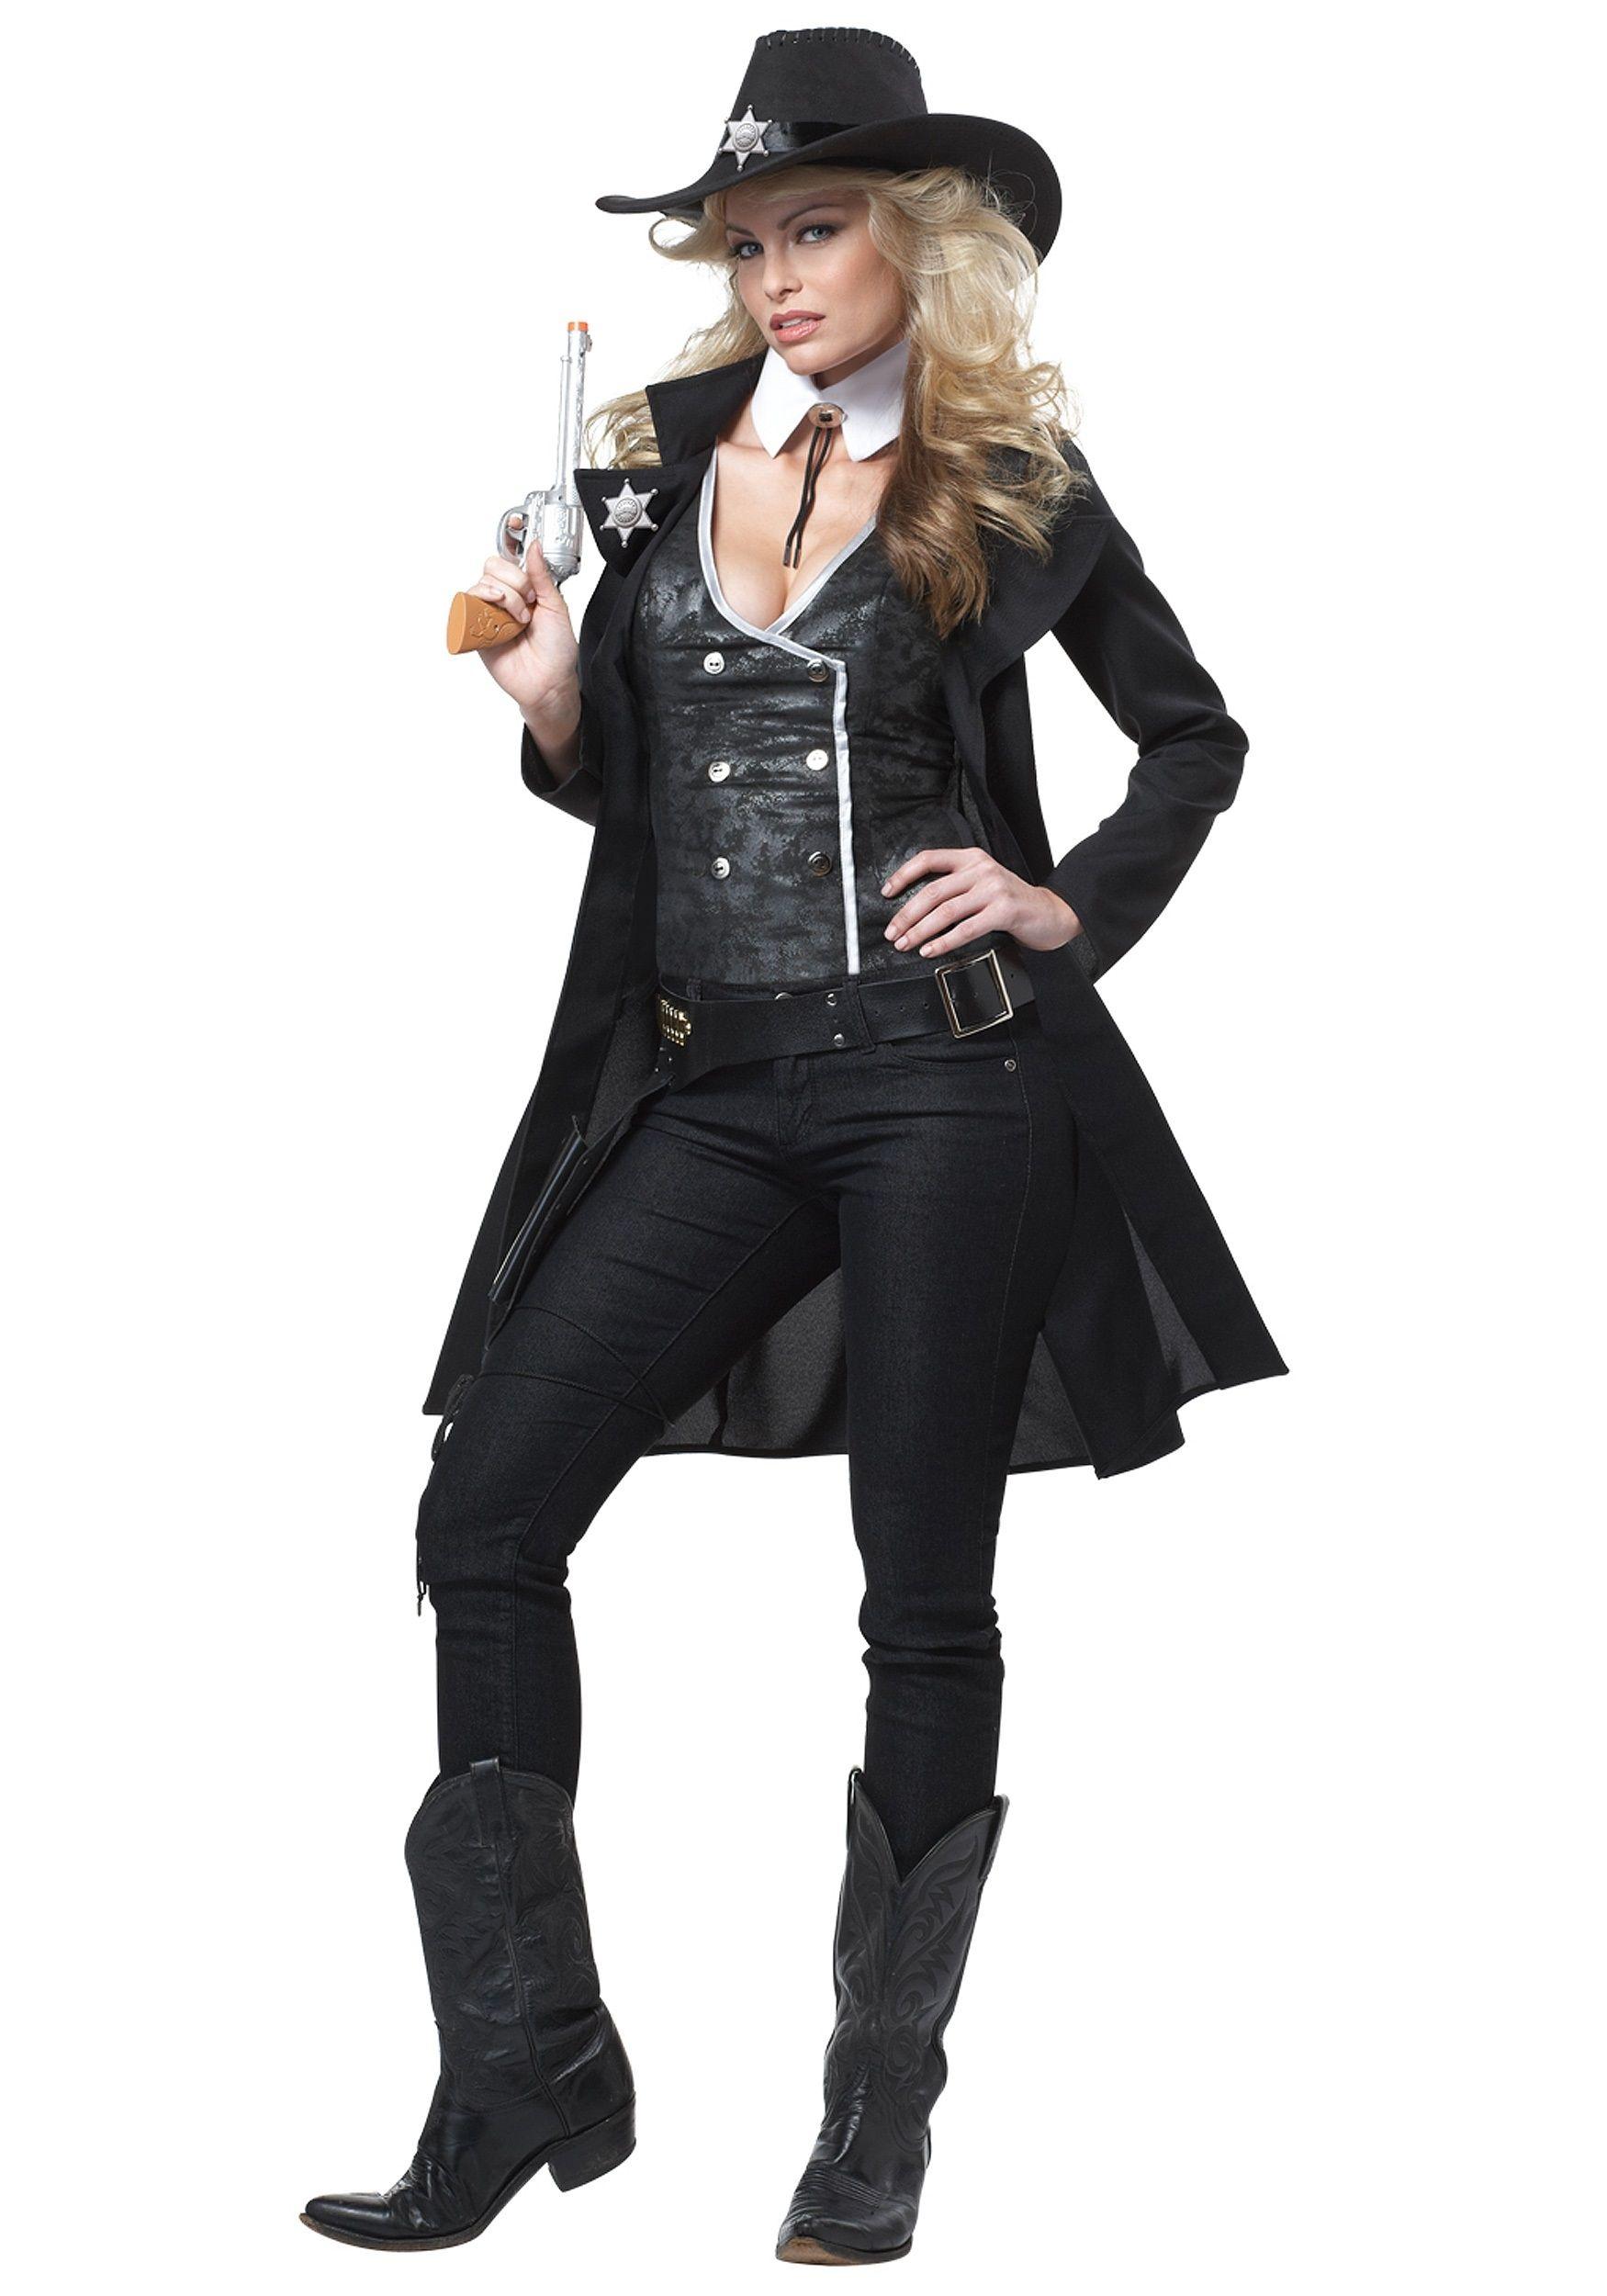 Костюм брутального шерифа (46-48) костюм шерифа женский 44